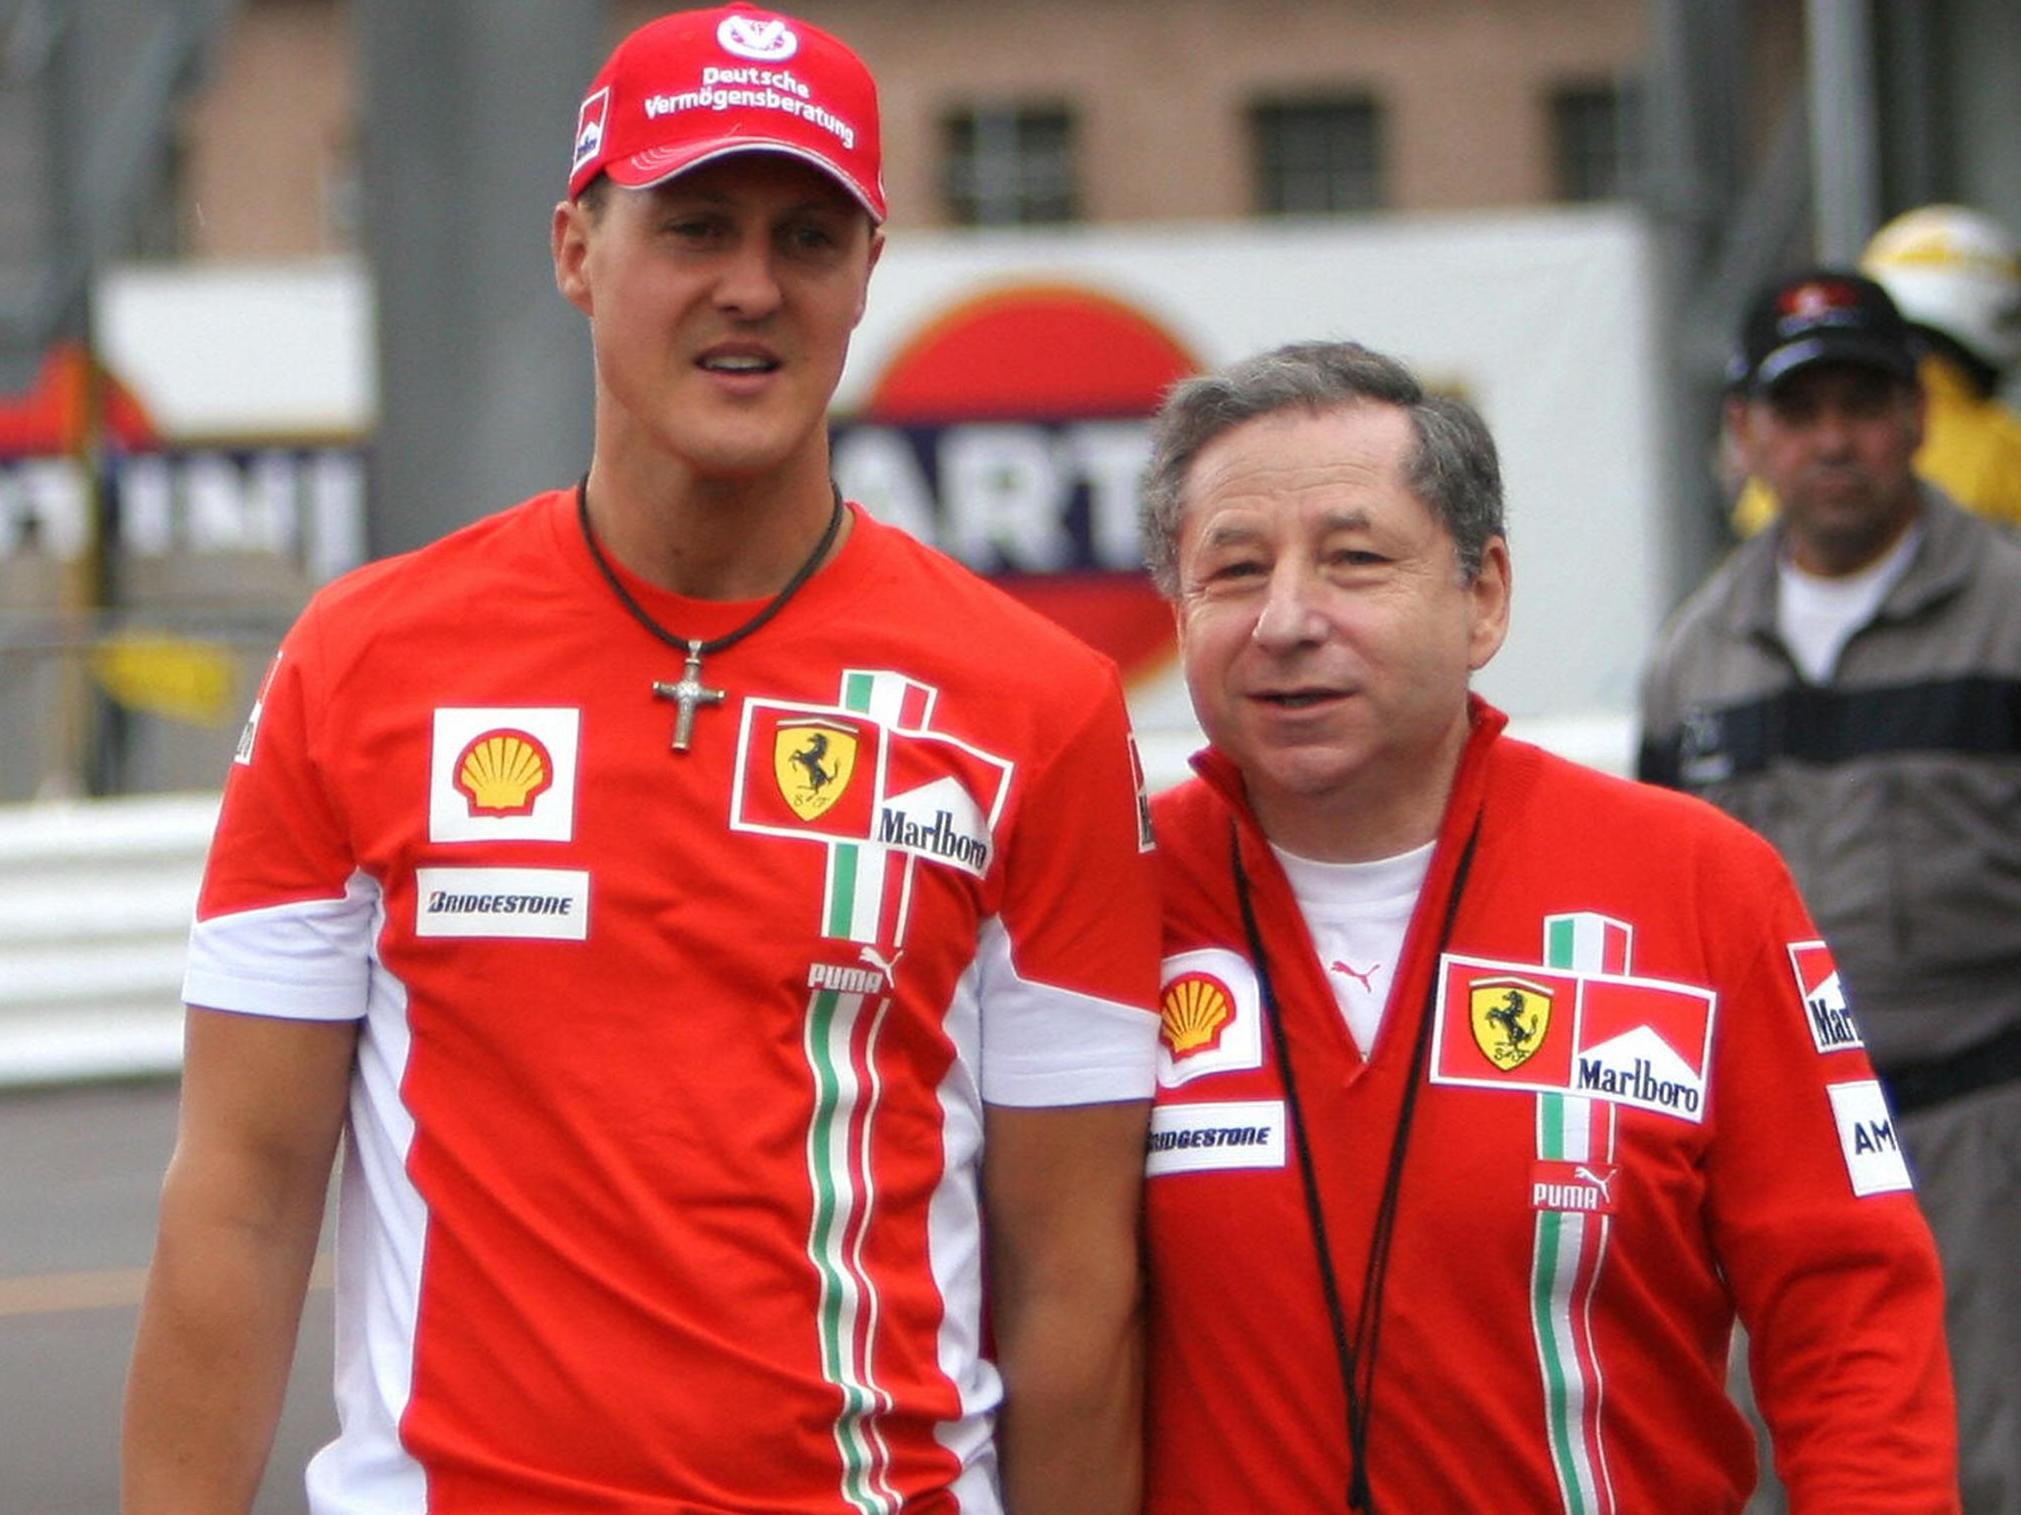 """Michael Schumacher :  sept ans après son terrible accident, un proche évoque ses """"séquelles importantes"""""""